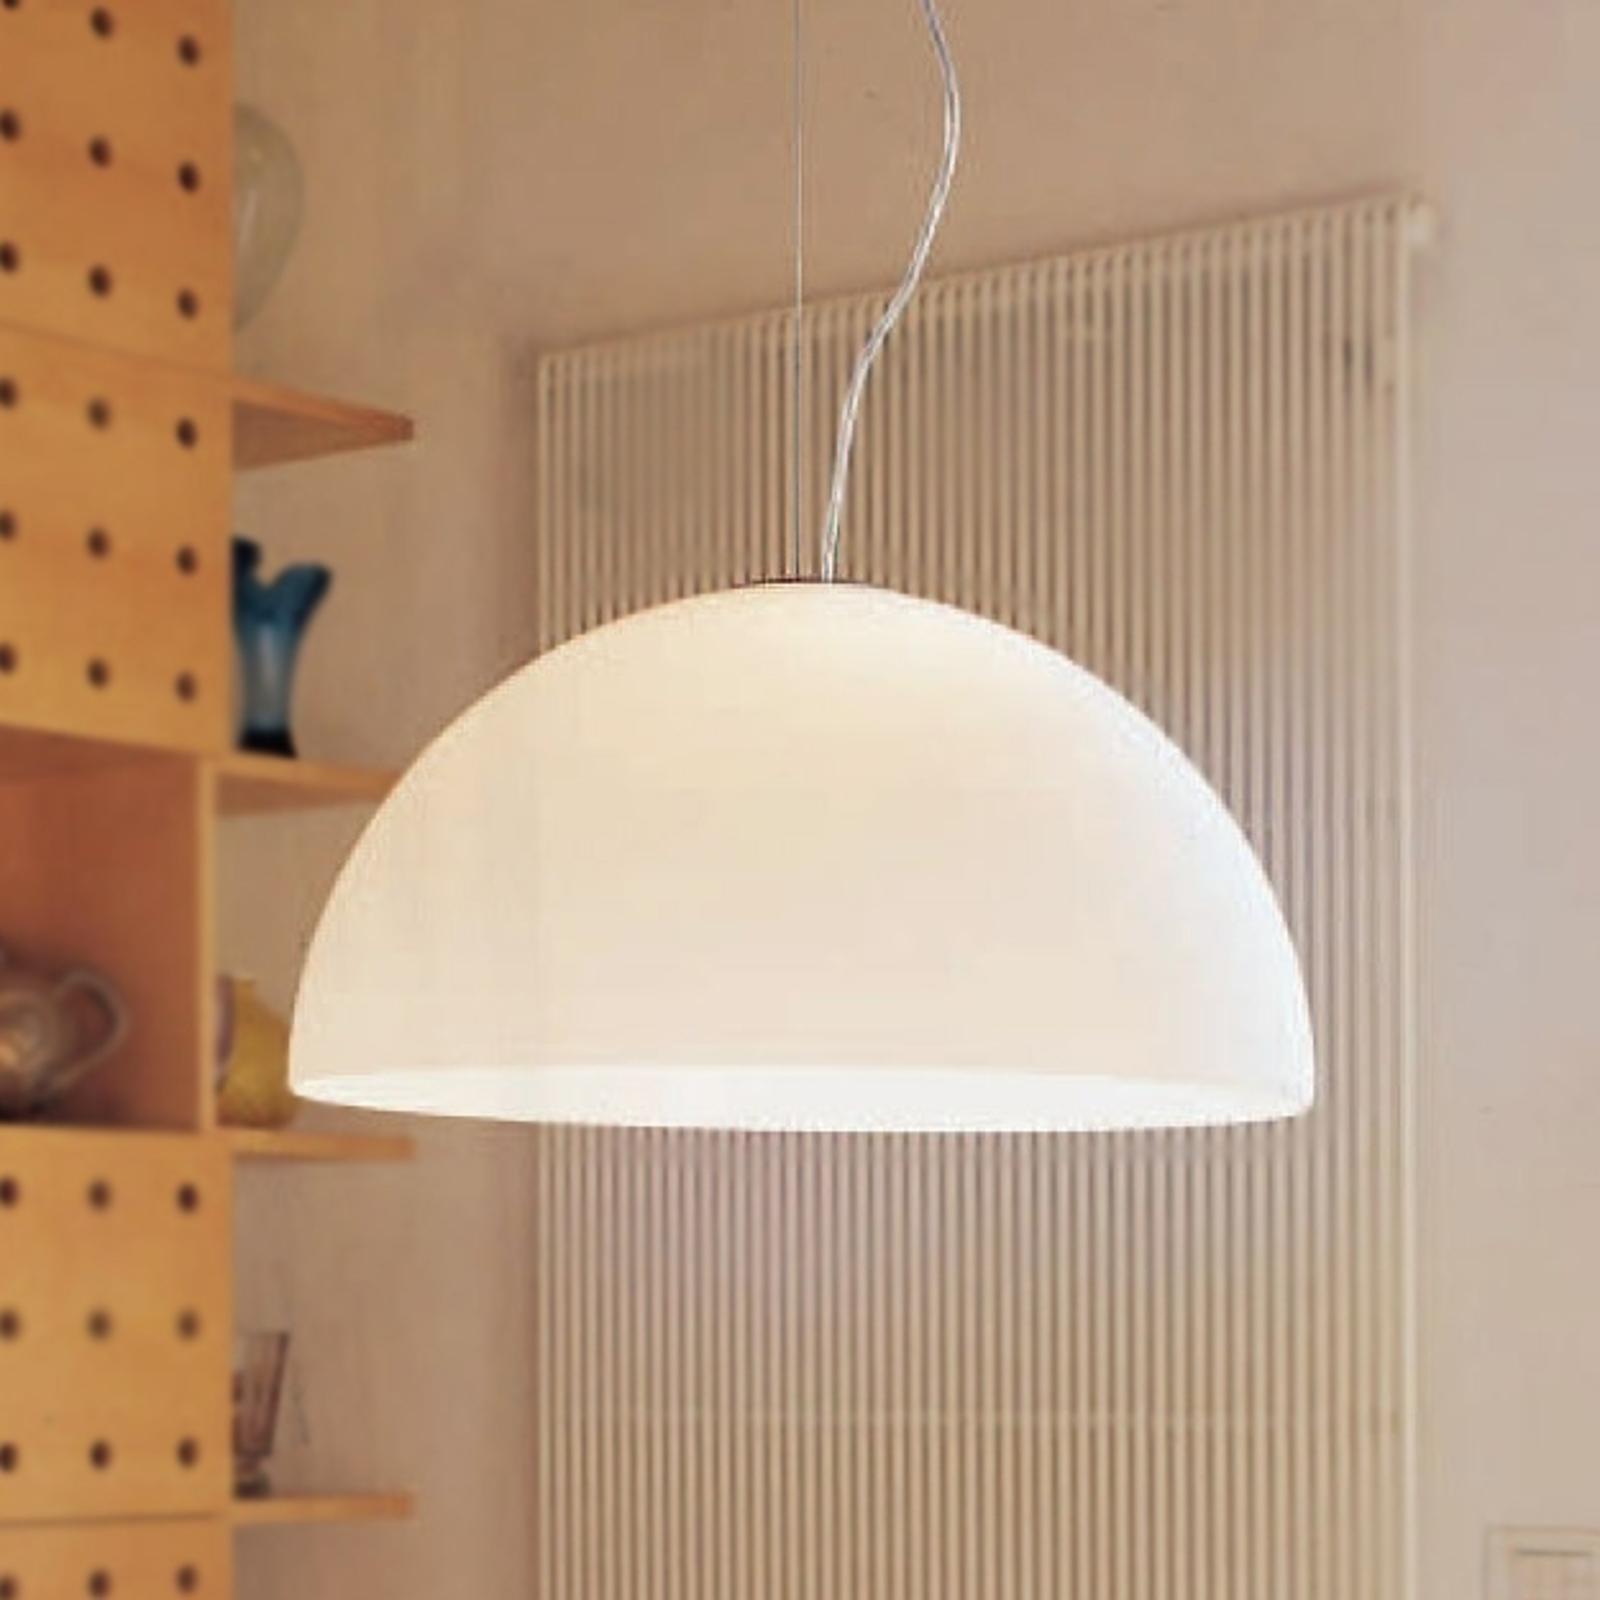 Lampa wisząca SONORA ze szkła opalowego, 50 cm